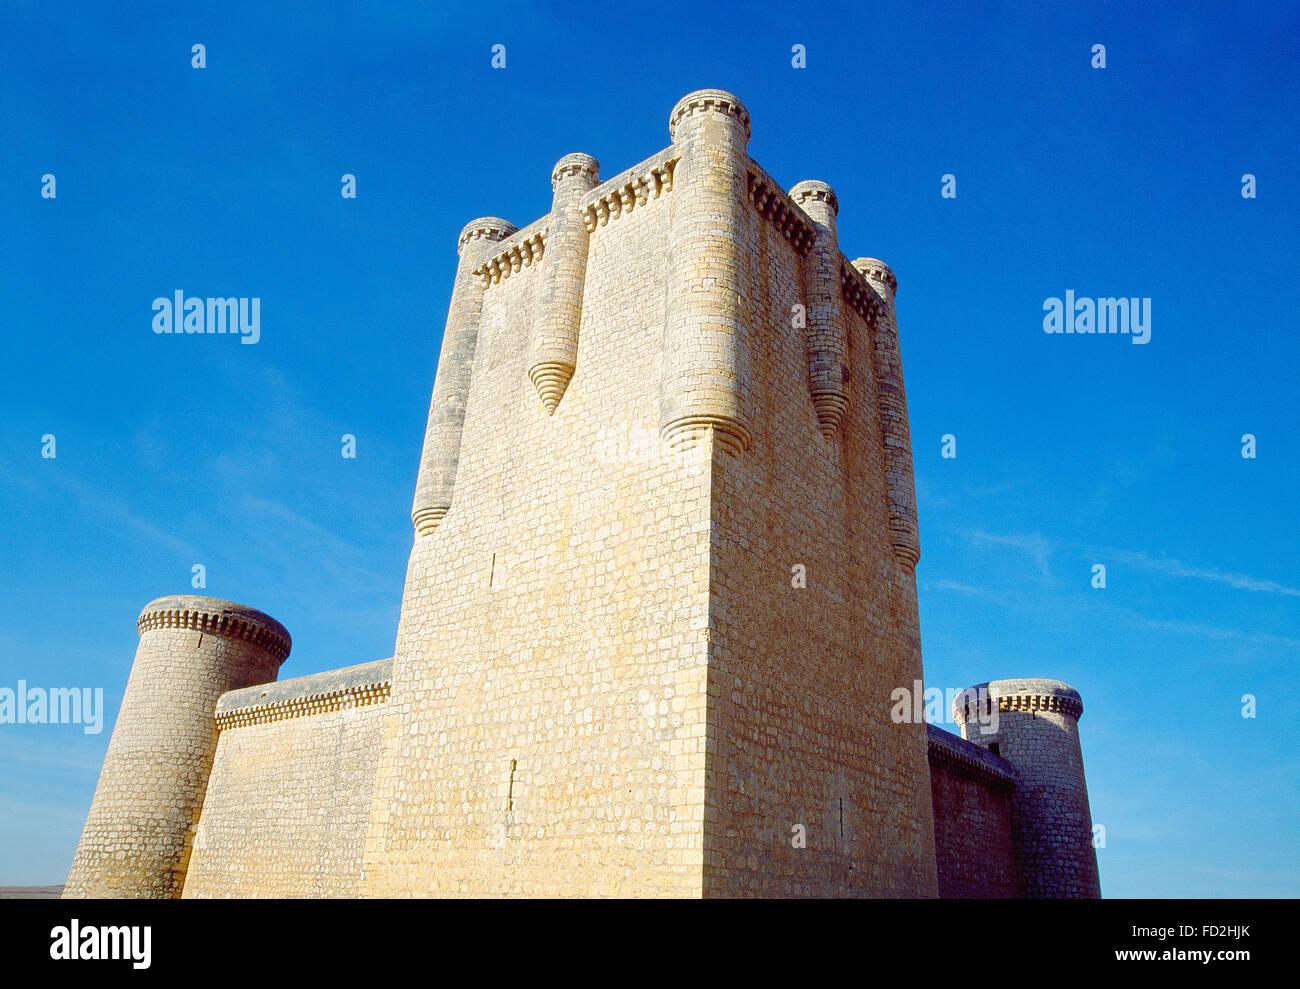 Castillo. Torrelobaton, provincia de Valladolid, Castilla y León, España. Foto de stock